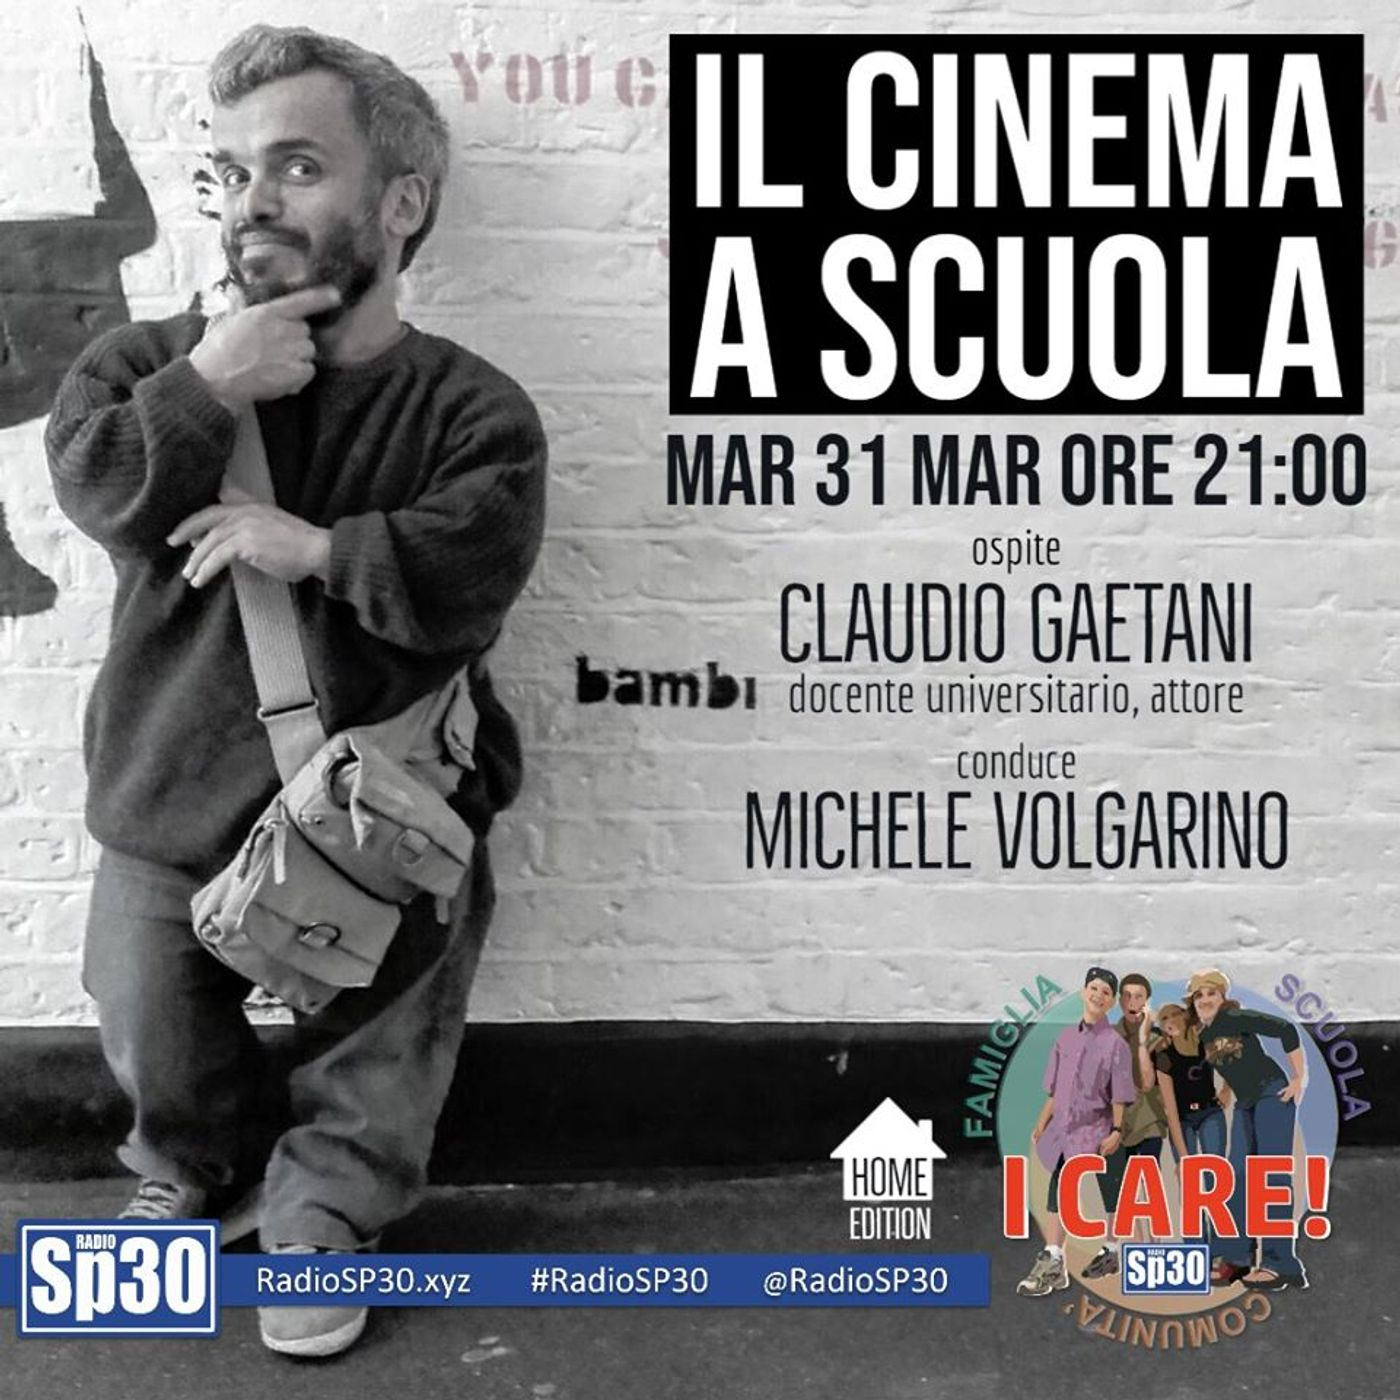 #ICARE - IL CINEMA A SCUOLA